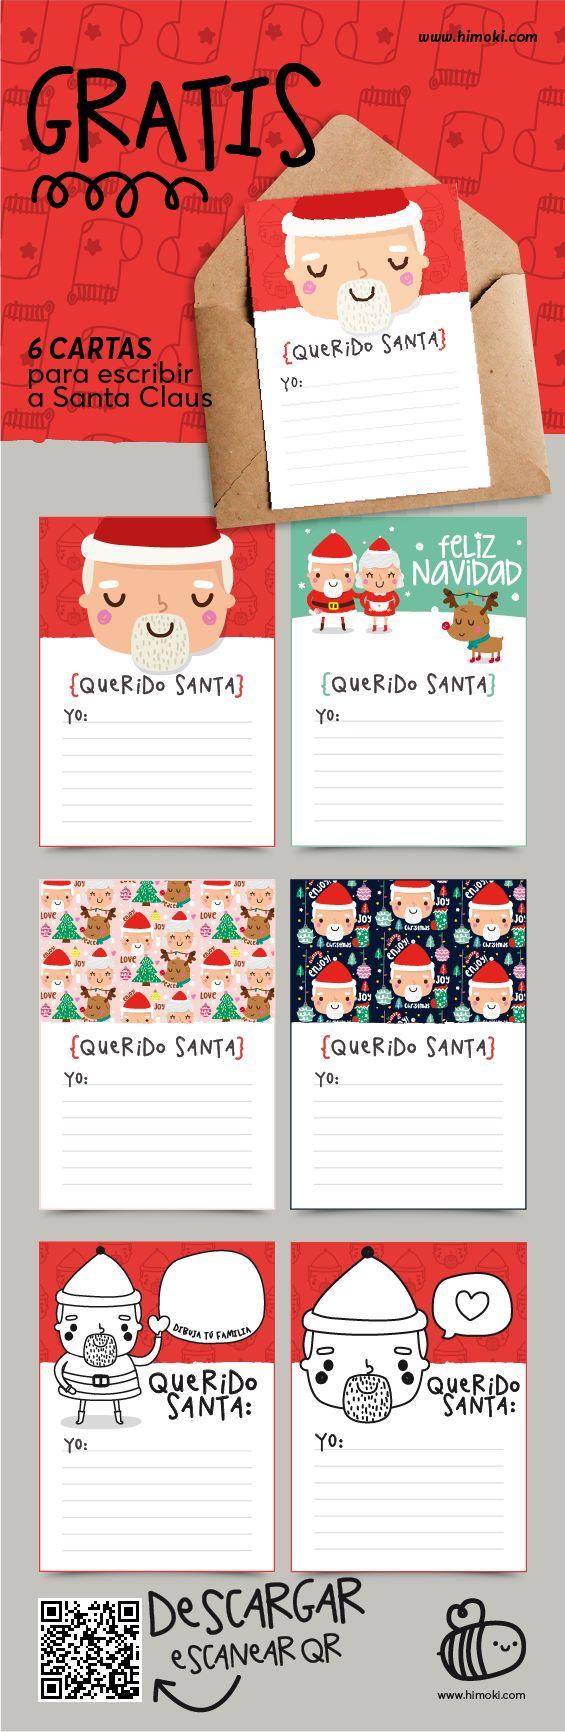 6 cartas para escribir a Santa Claus #himoki #gratis